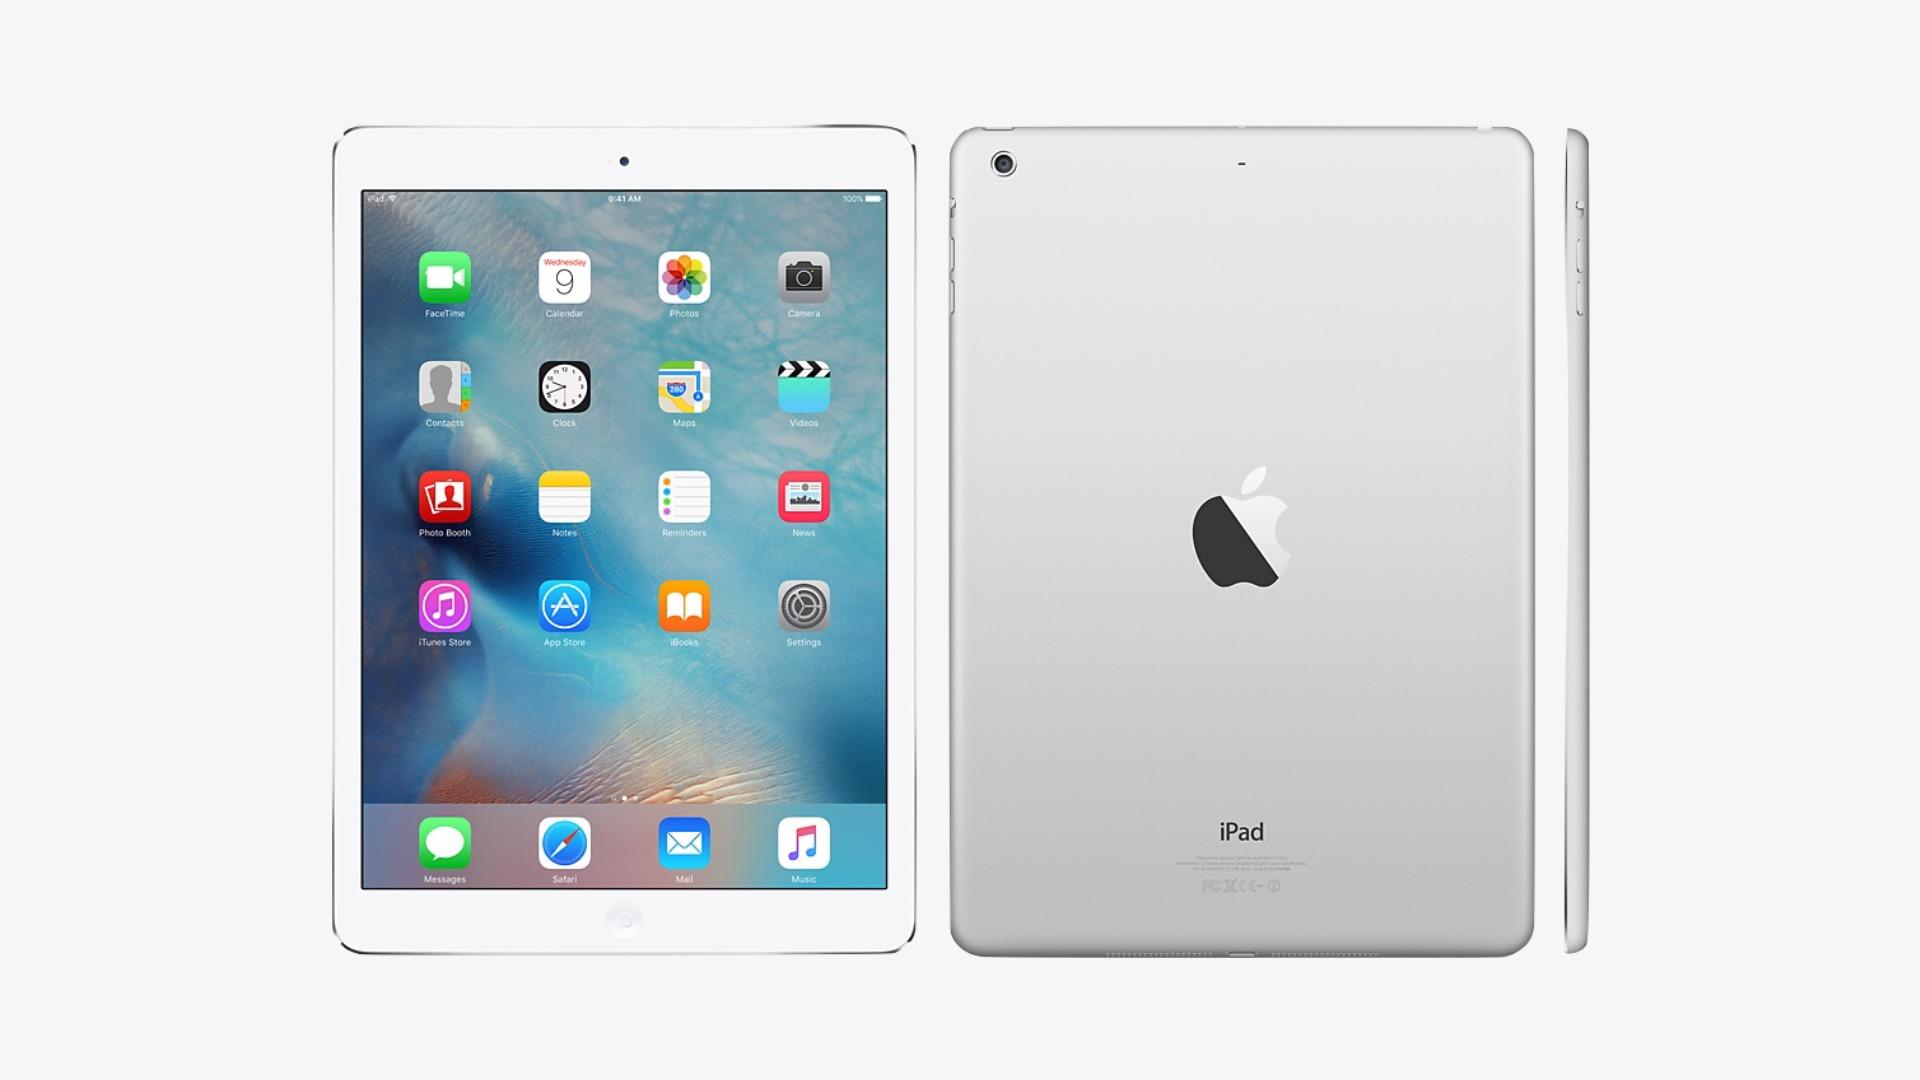 iPadの種類の見分け方!全18モデ...